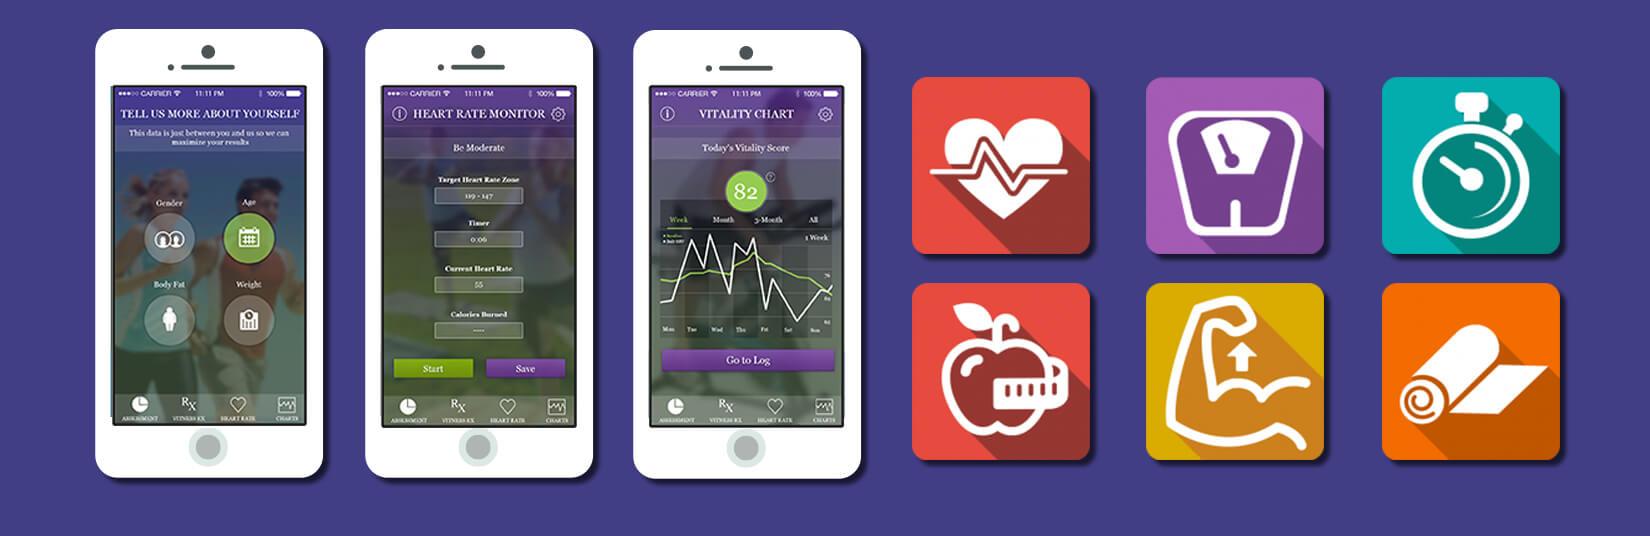 BLE Chest Belt Based Health & Fitness App